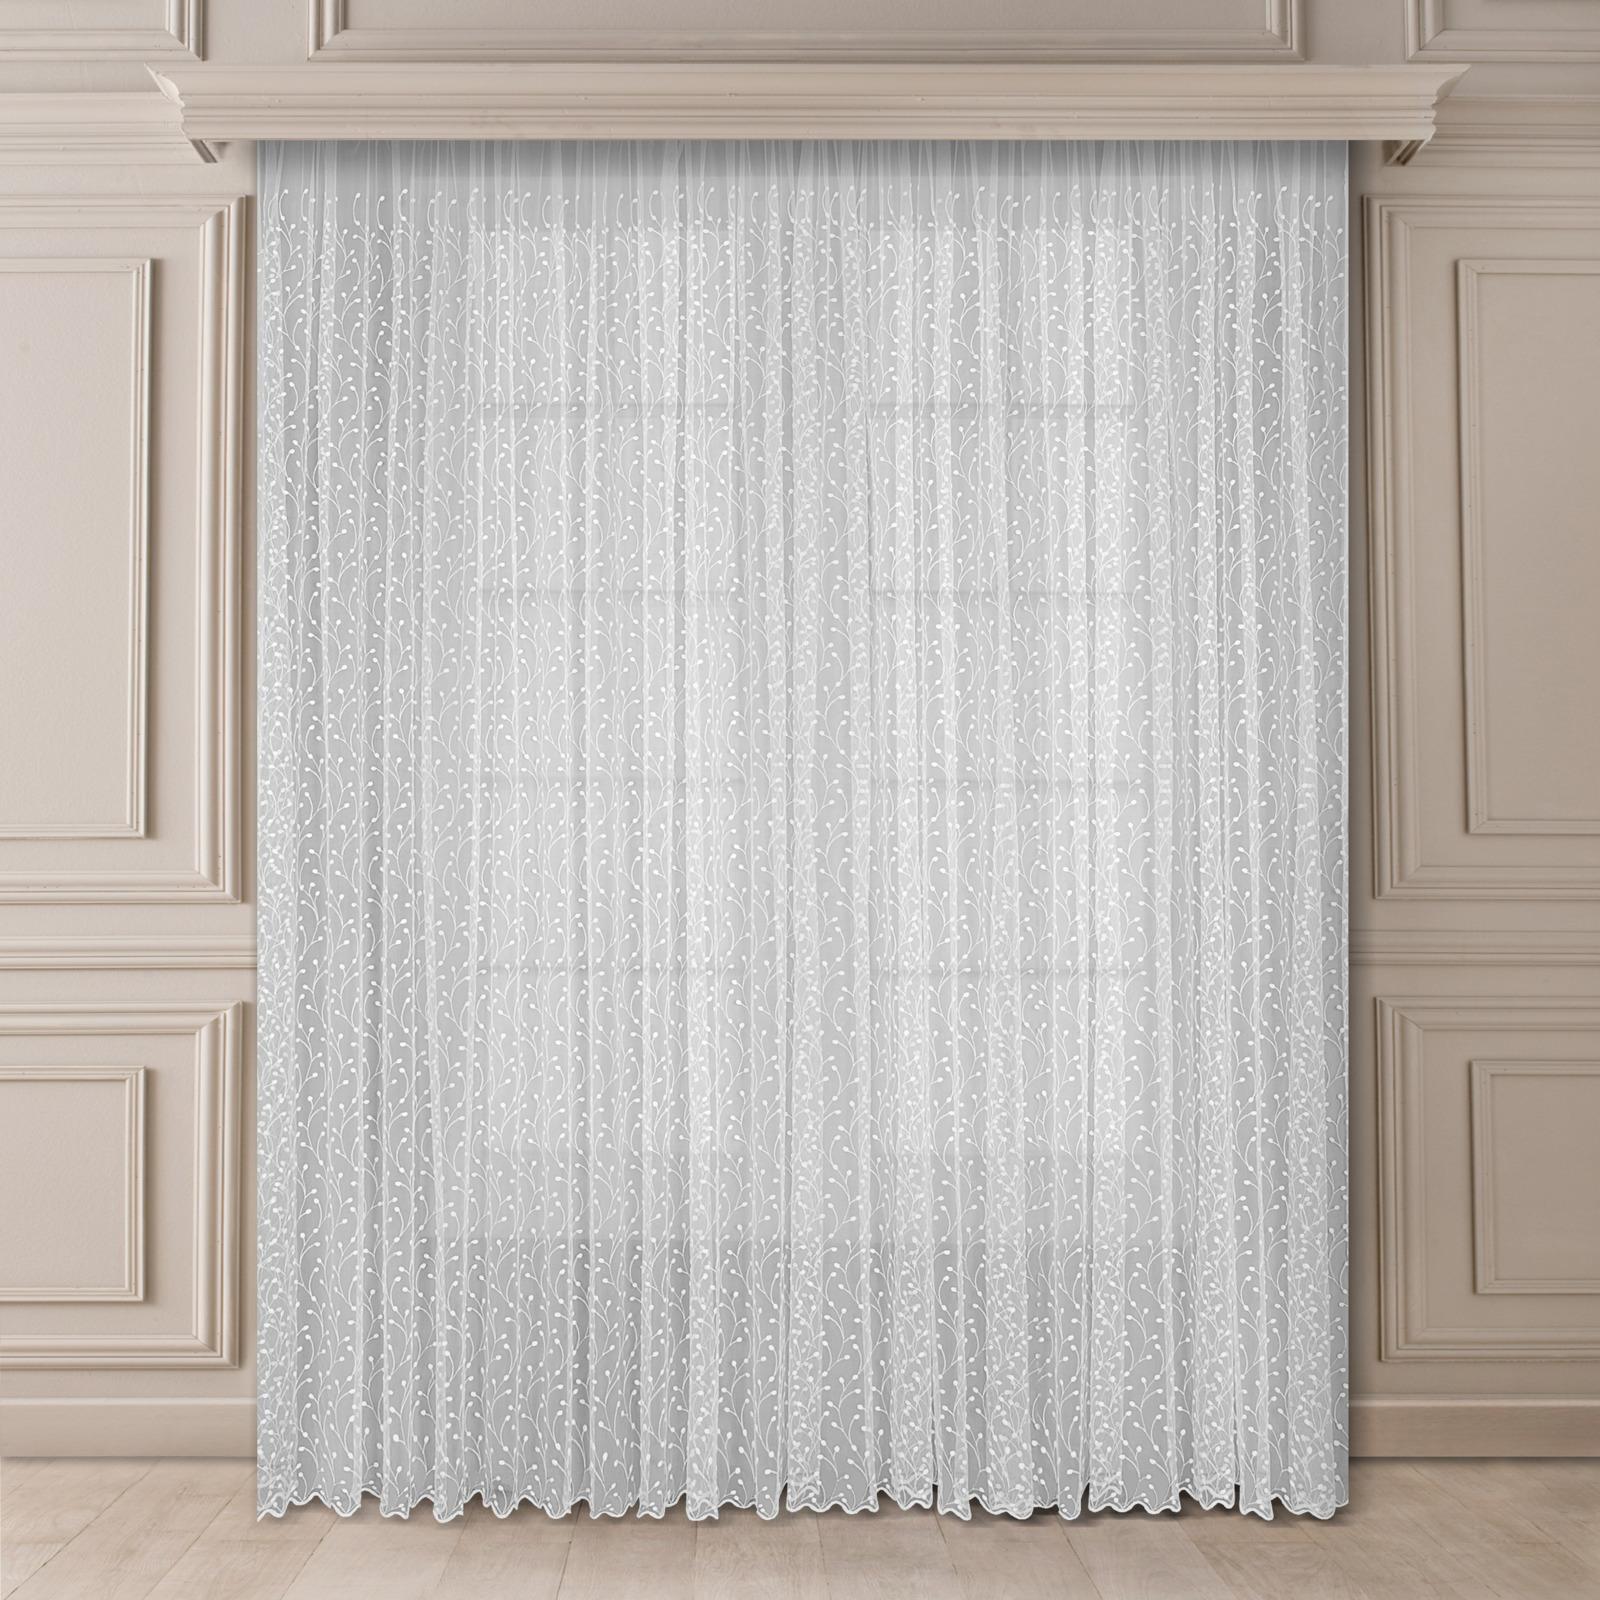 Тюль ТД Текстиль Сомюр, 11649, белый, 270 х 400 см